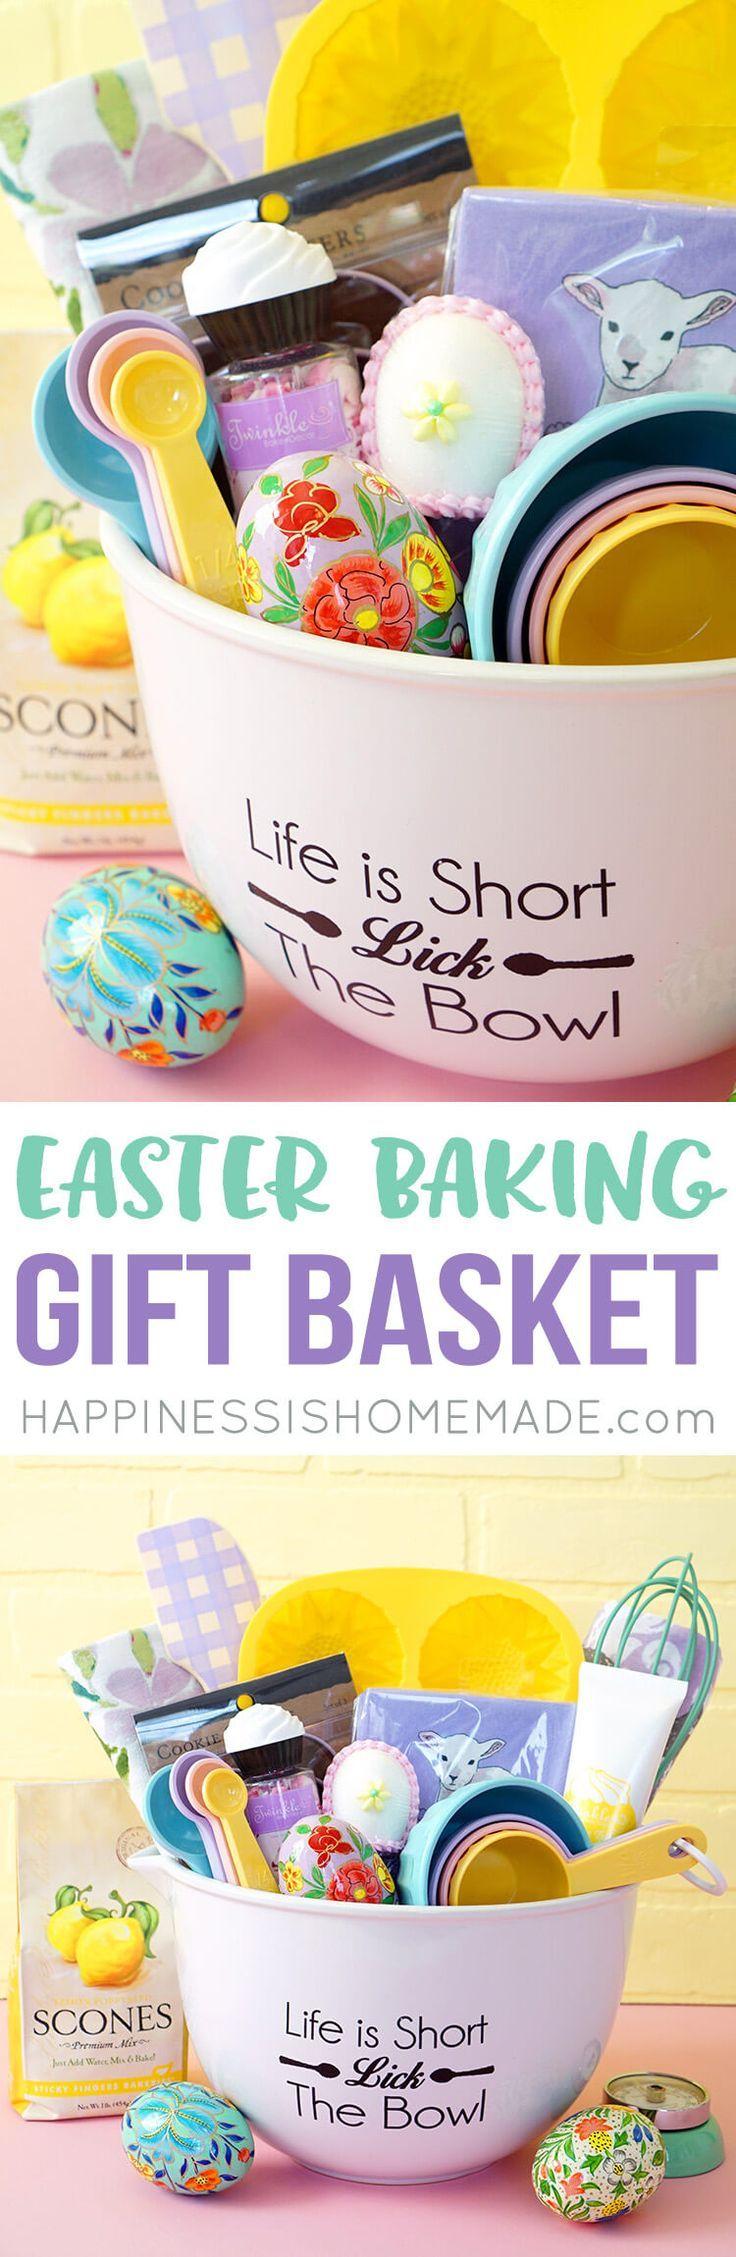 Easter baking gift basket spring treats easter and spring easter baking gift basket negle Choice Image